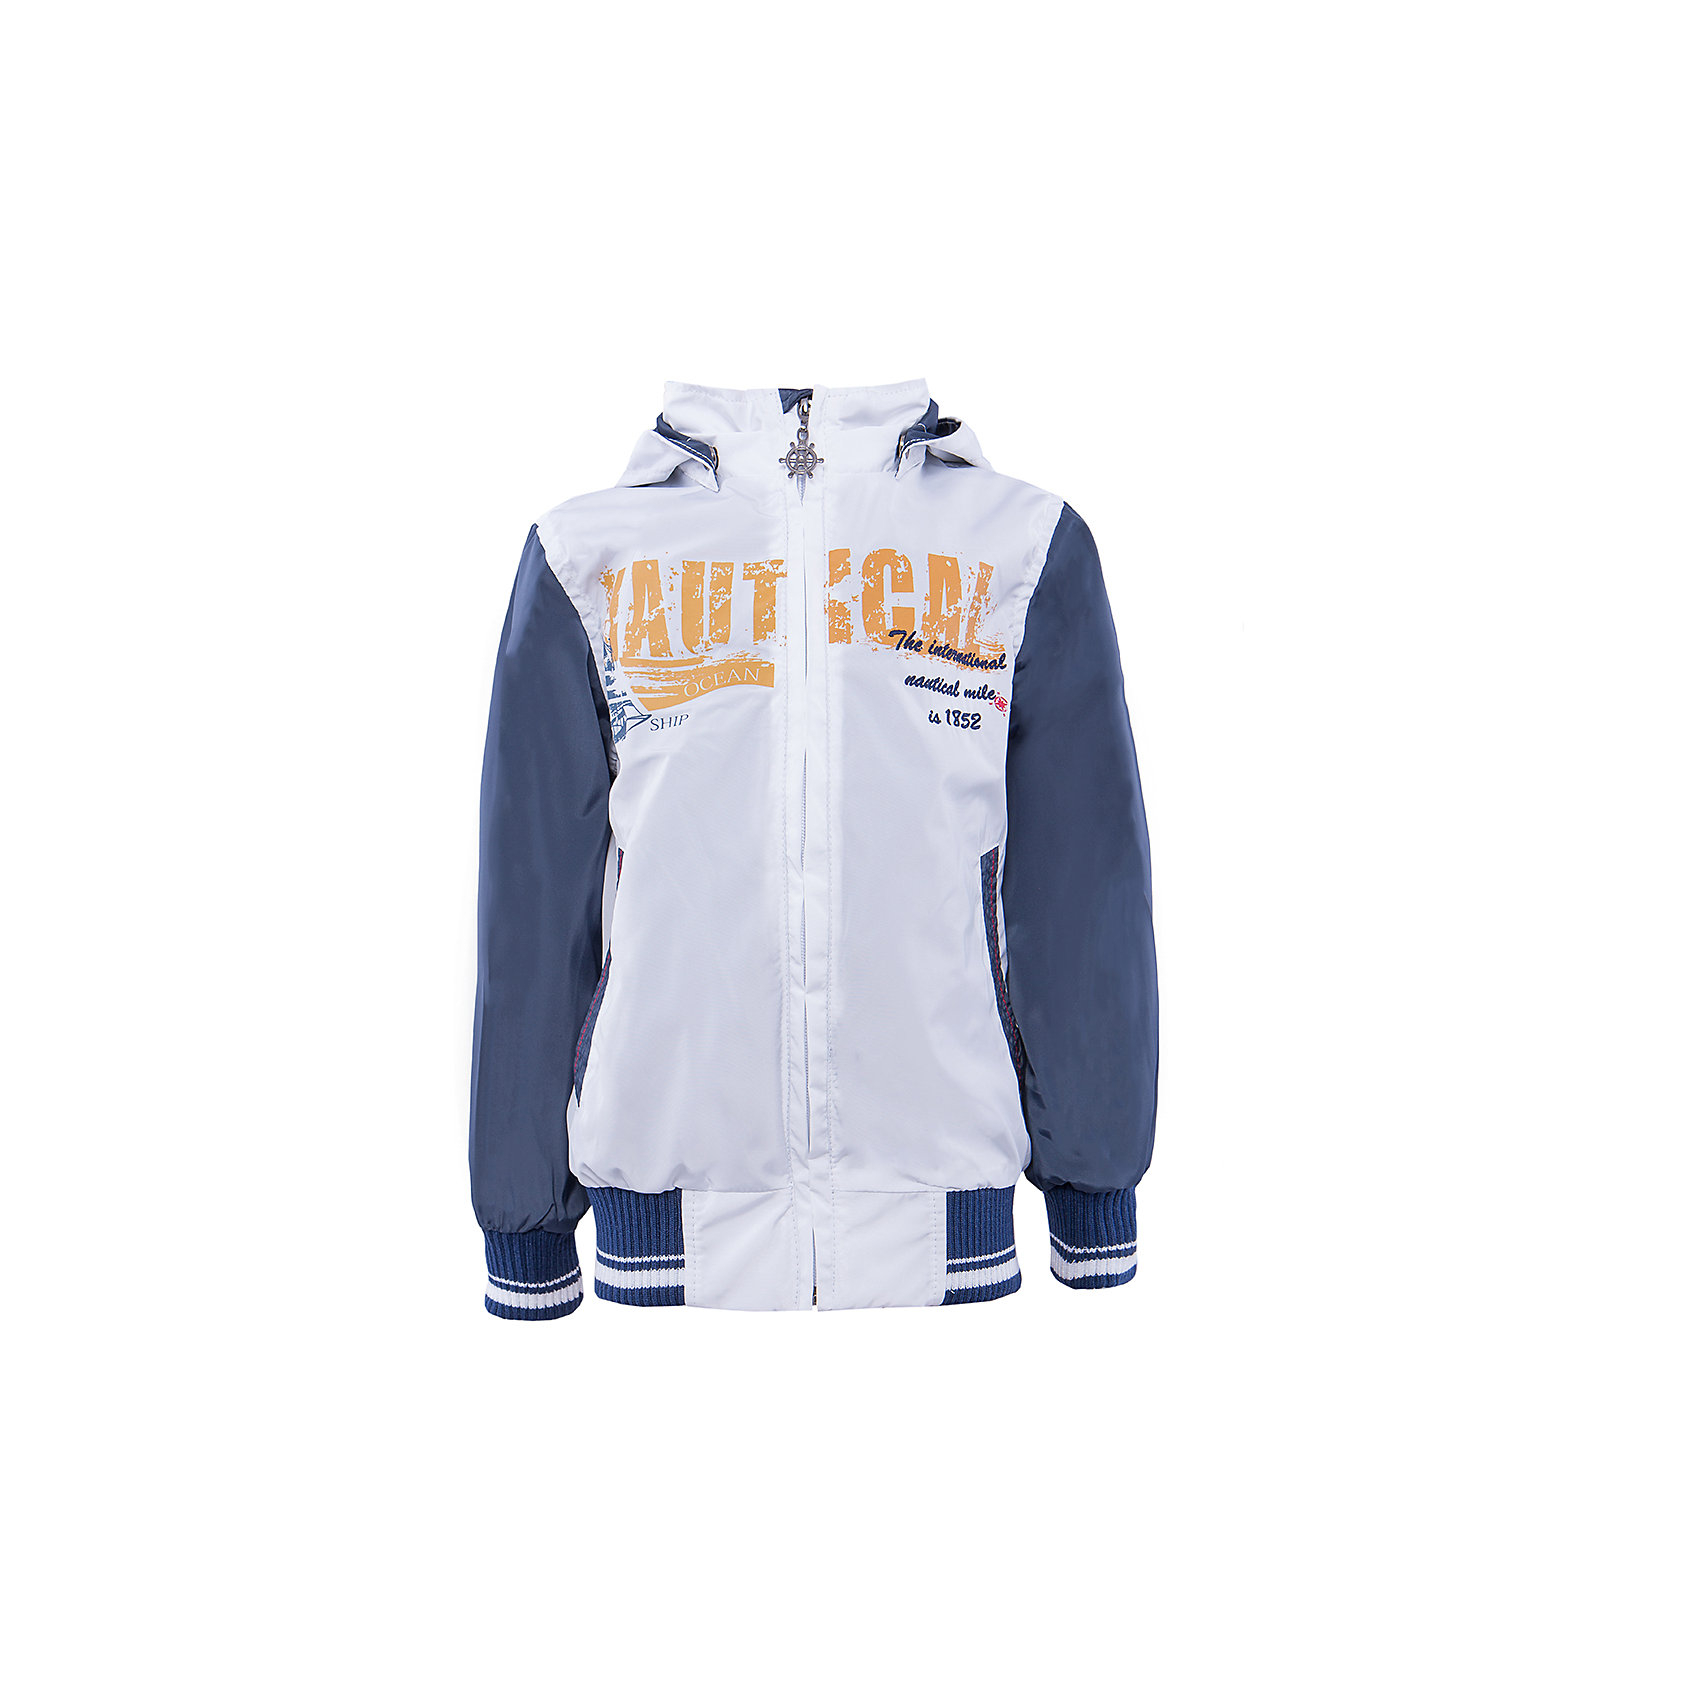 Ветровка для мальчика АртельВетровка для мальчика от торговой марки Артель &#13;<br>&#13;<br>Модная легкая куртка отлично подойдет для прогулок в прохладную погоду. Изделие выполнено из качественных материалов, имеет удобные карманы и капюшон. <br>Одежда от бренда Артель – это высокое качество по приемлемой цене и всегда продуманный дизайн. &#13;<br>&#13;<br>Особенности модели: &#13;<br>- цвет - белый;&#13;<br>- наличие карманов;&#13;<br>- наличие капюшона;&#13;<br>- низ и манжеты - из трикотажной резинки;&#13;<br>- декорирована принтом;&#13;<br>- застежка-молния.&#13;<br>&#13;<br>Дополнительная информация:&#13;<br>&#13;<br>Состав: &#13;<br>- верх: PRINC;&#13;<br>- подкладка: хлопок интерлок, тиси.&#13;<br>&#13;<br>Температурный режим: &#13;<br>от +10 °C до +20 °C&#13;<br>&#13;<br>Ветровку для мальчика Артель (Artel) можно купить в нашем магазине.<br><br>Ширина мм: 356<br>Глубина мм: 10<br>Высота мм: 245<br>Вес г: 519<br>Цвет: белый<br>Возраст от месяцев: 72<br>Возраст до месяцев: 84<br>Пол: Мужской<br>Возраст: Детский<br>Размер: 122,128,104,110,116<br>SKU: 4496226